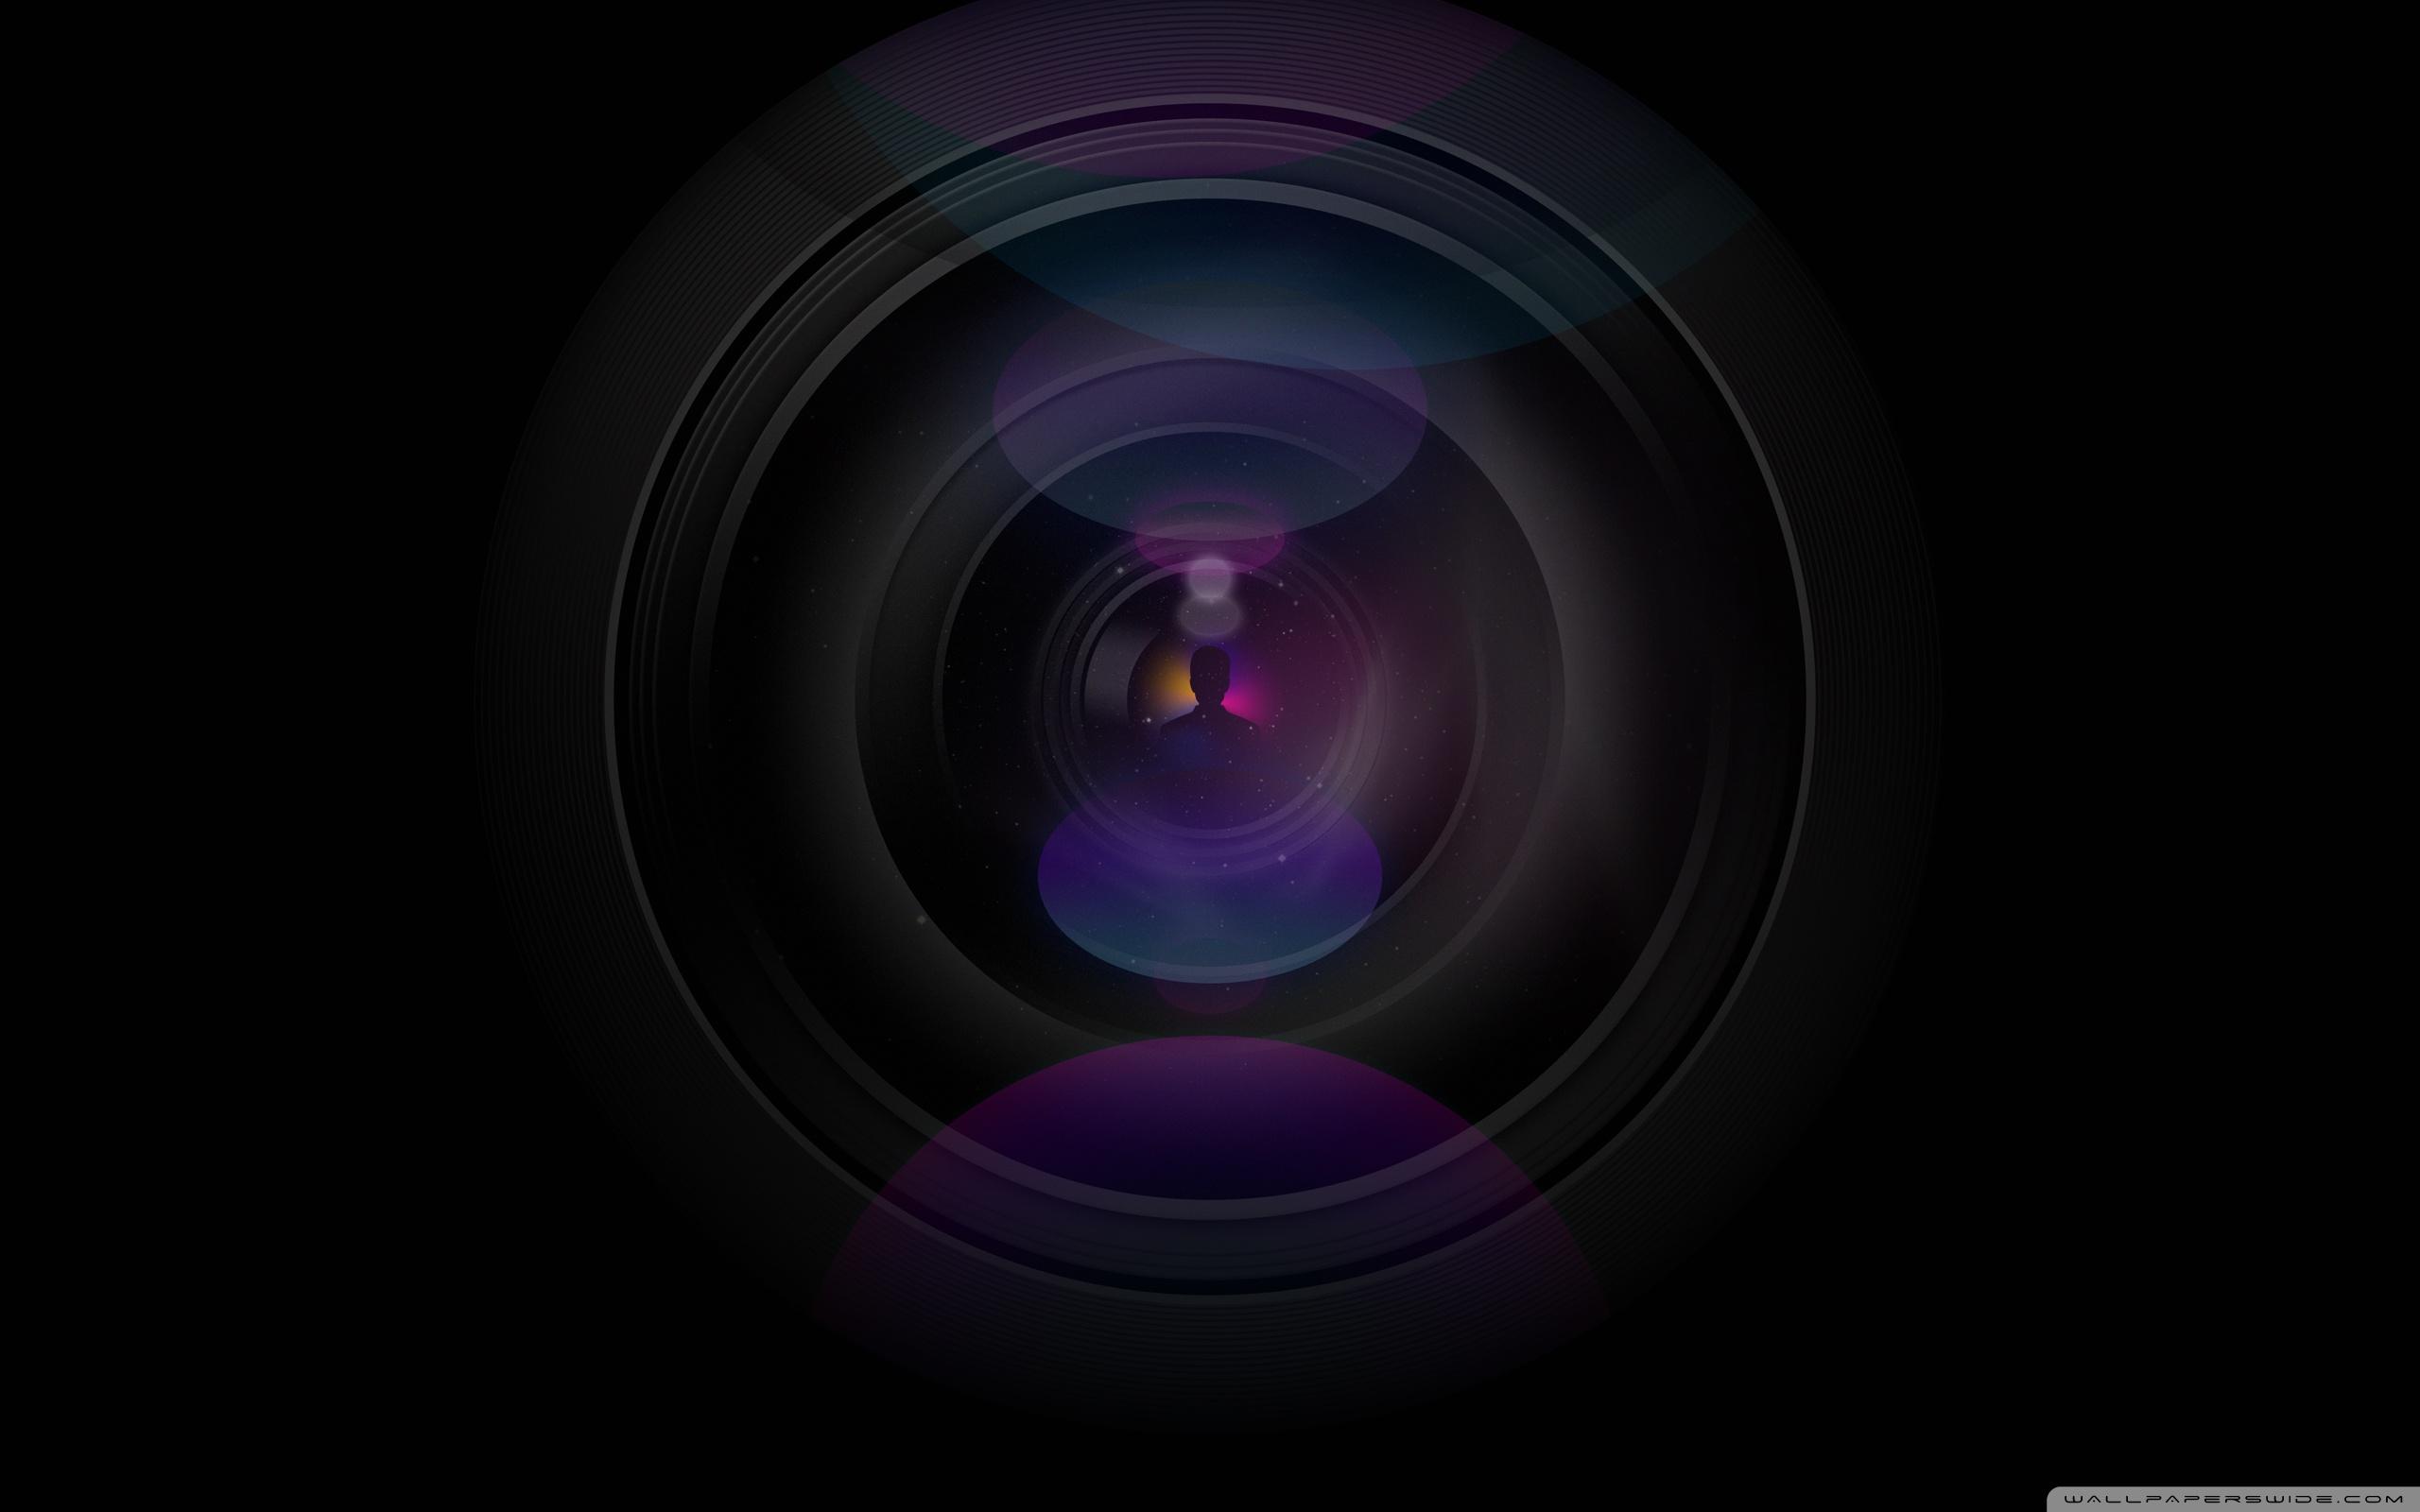 Camera Lens Wallpaper 2560x1600 Wallpaper 2560x1600